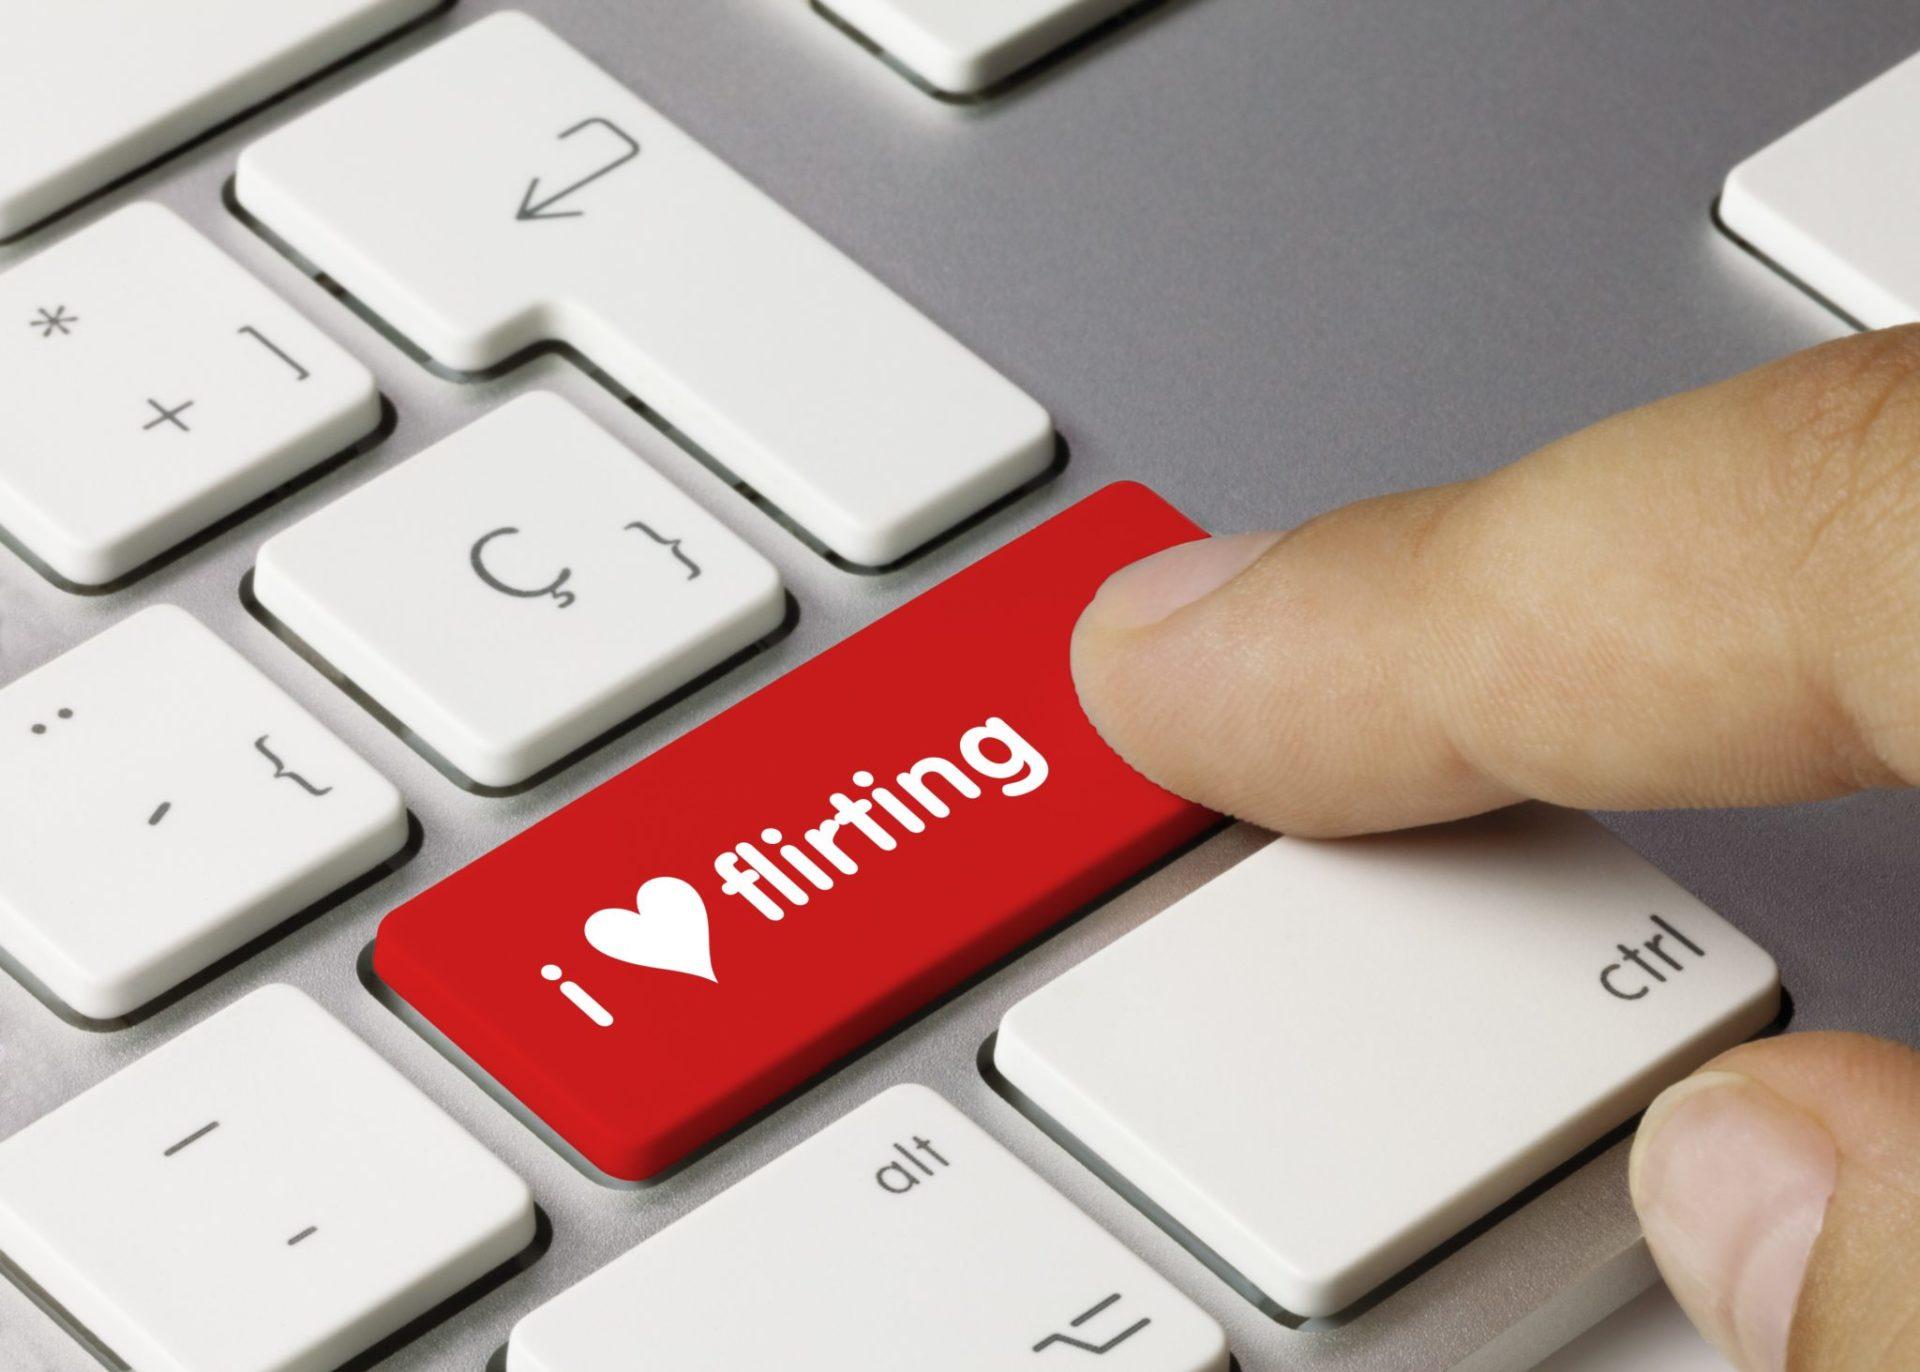 κοινωνική dating εφαρμογές 2014 ιστοσελίδες γνωριμιών για ηλικίας 20 ετών